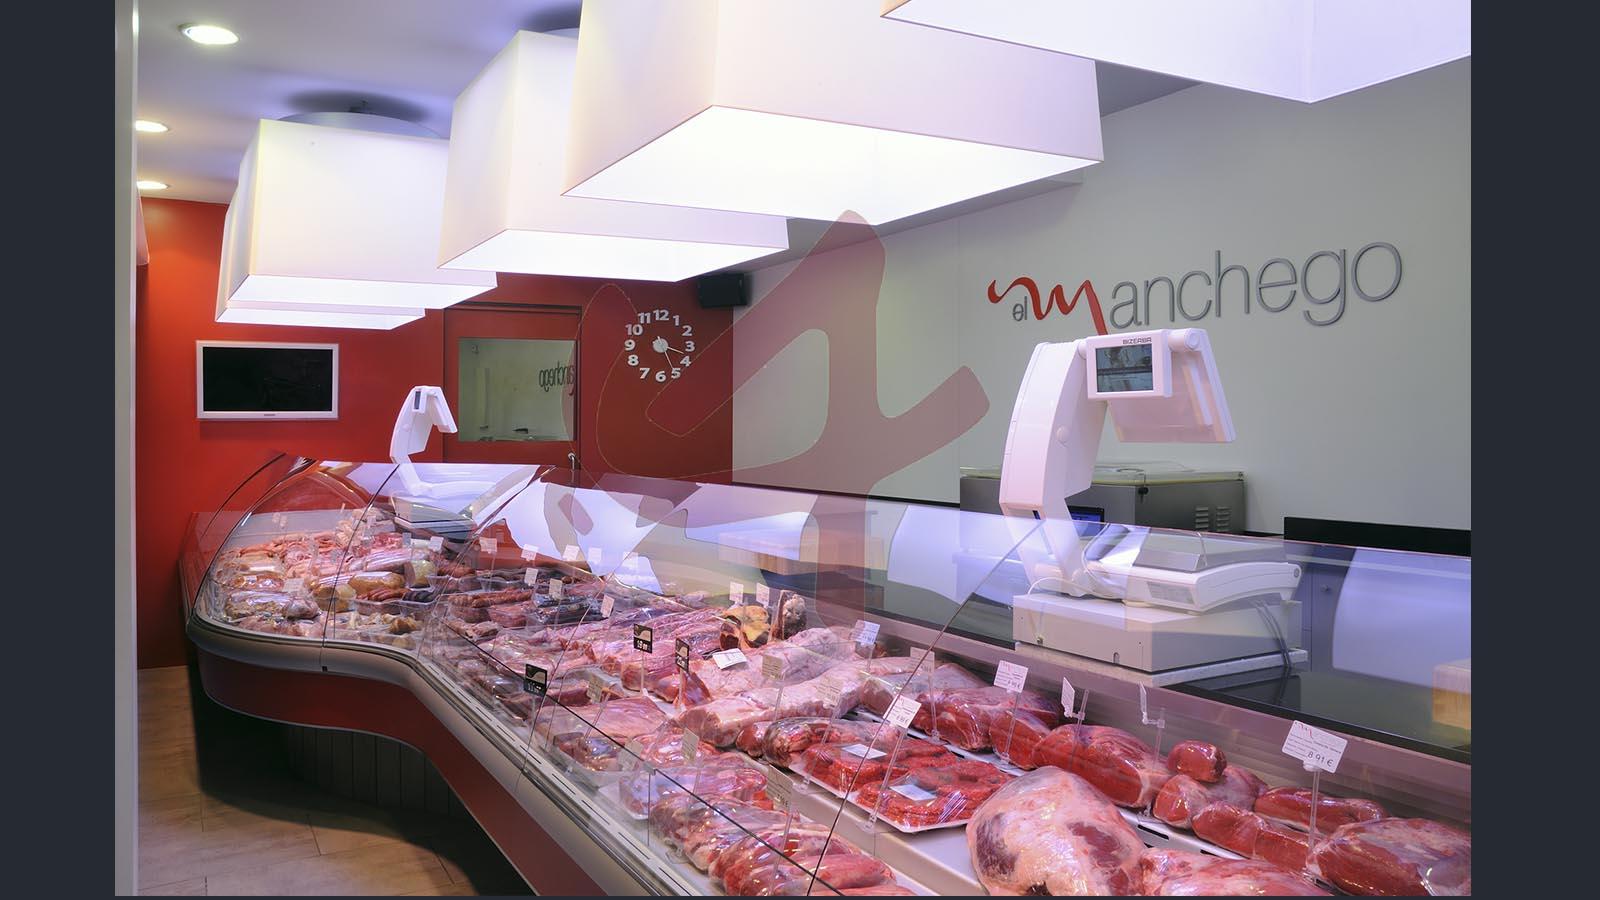 Carnicería El Manchego